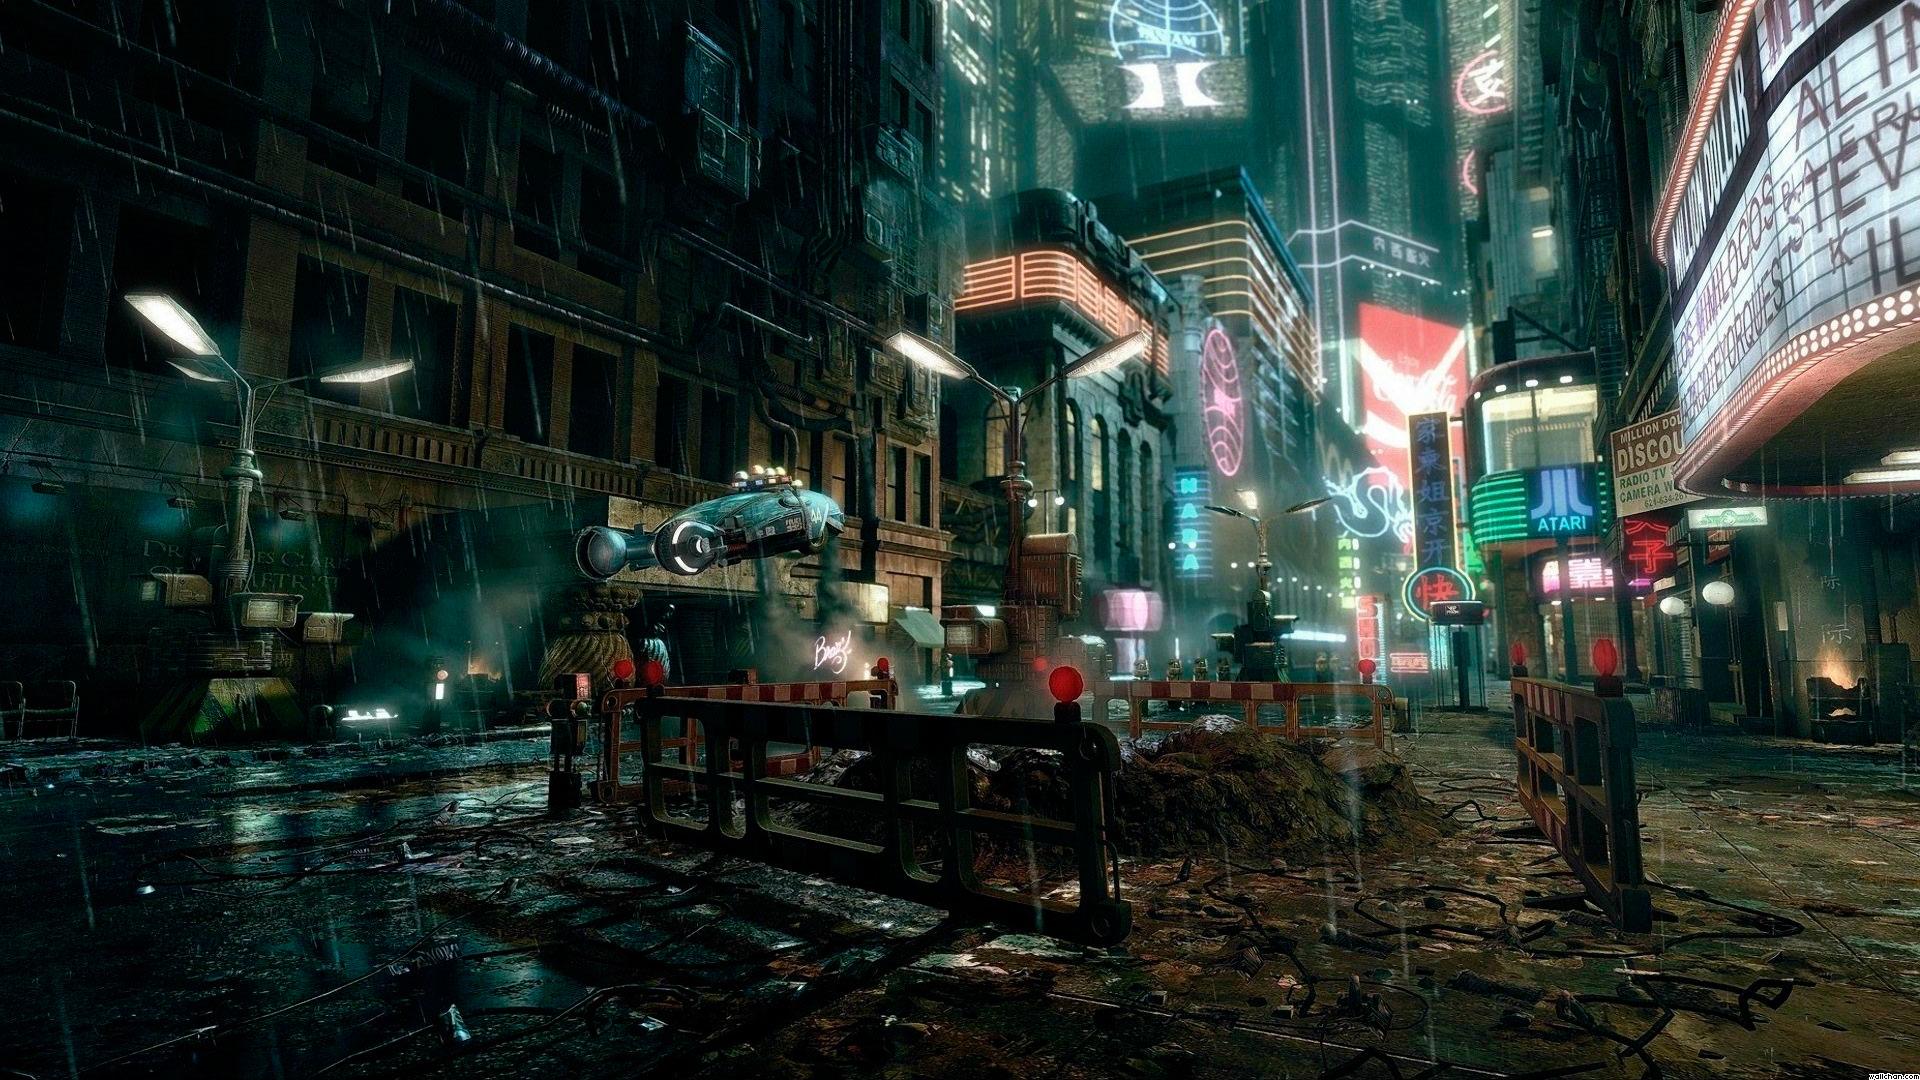 cyberpunk0.jpg - Cyberpunk 2077